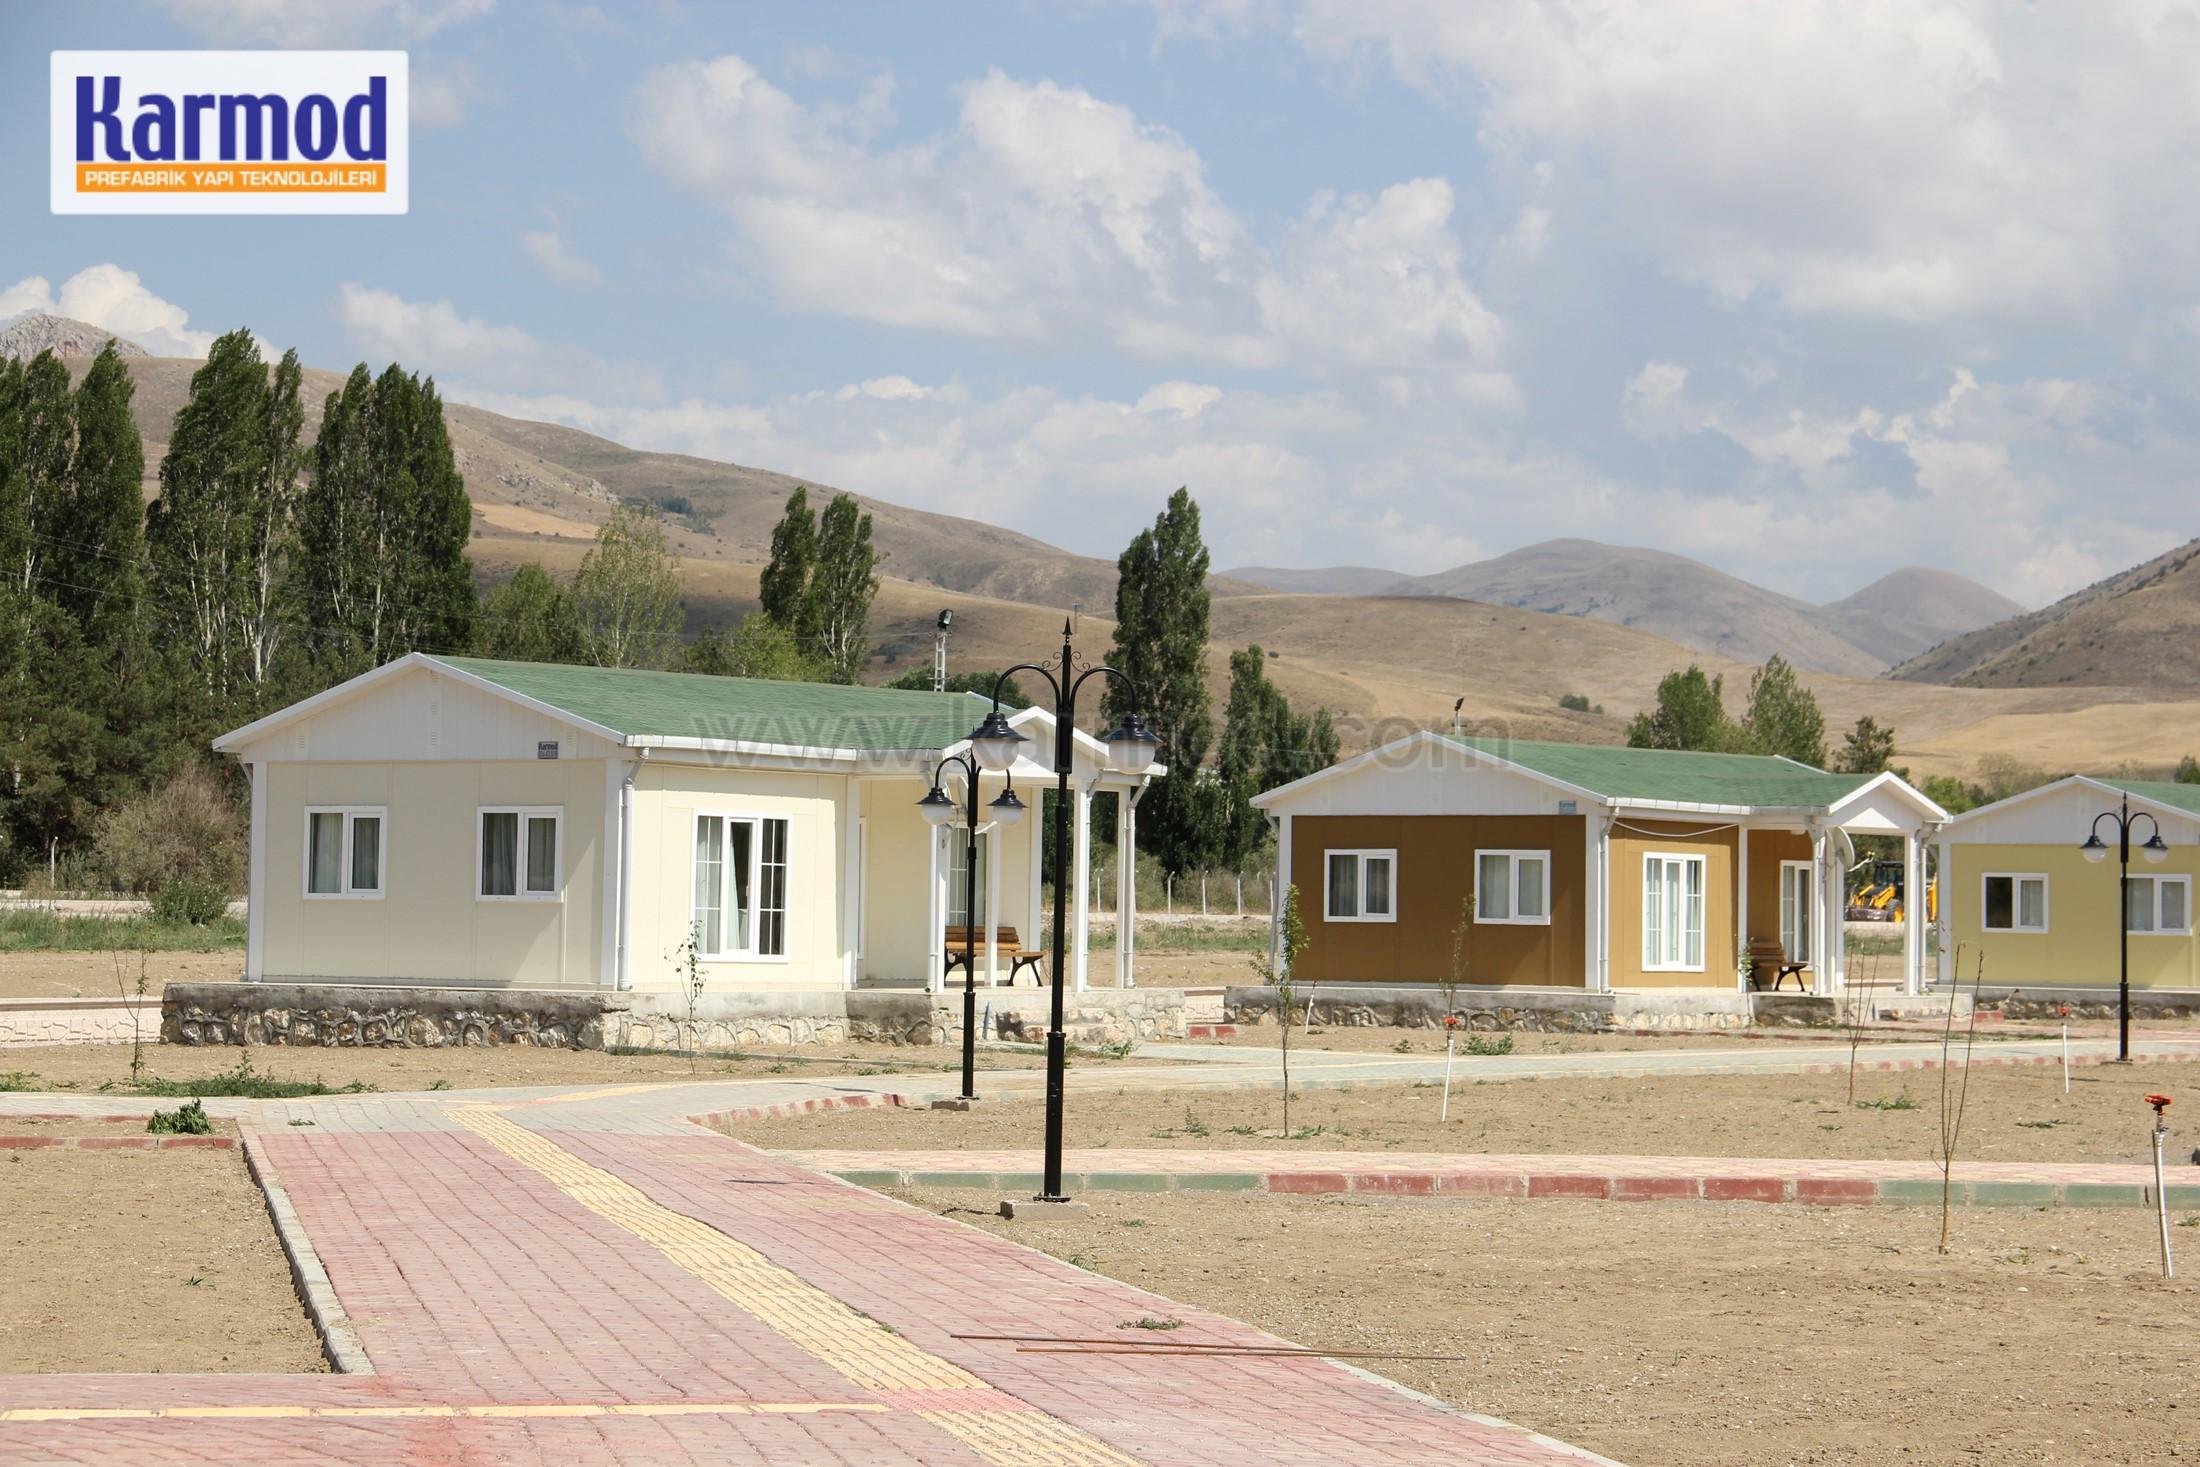 Namibia Mass Housing Project